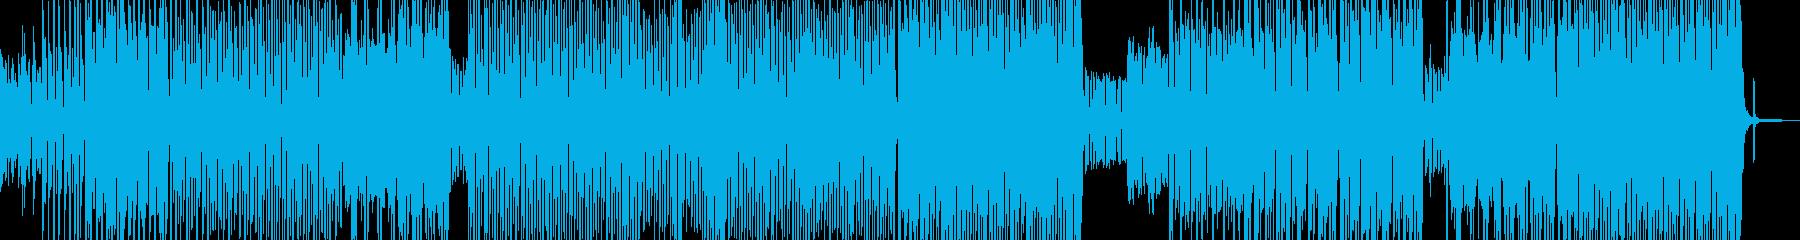 お菓子の国・パステル調テクノポップ Bの再生済みの波形